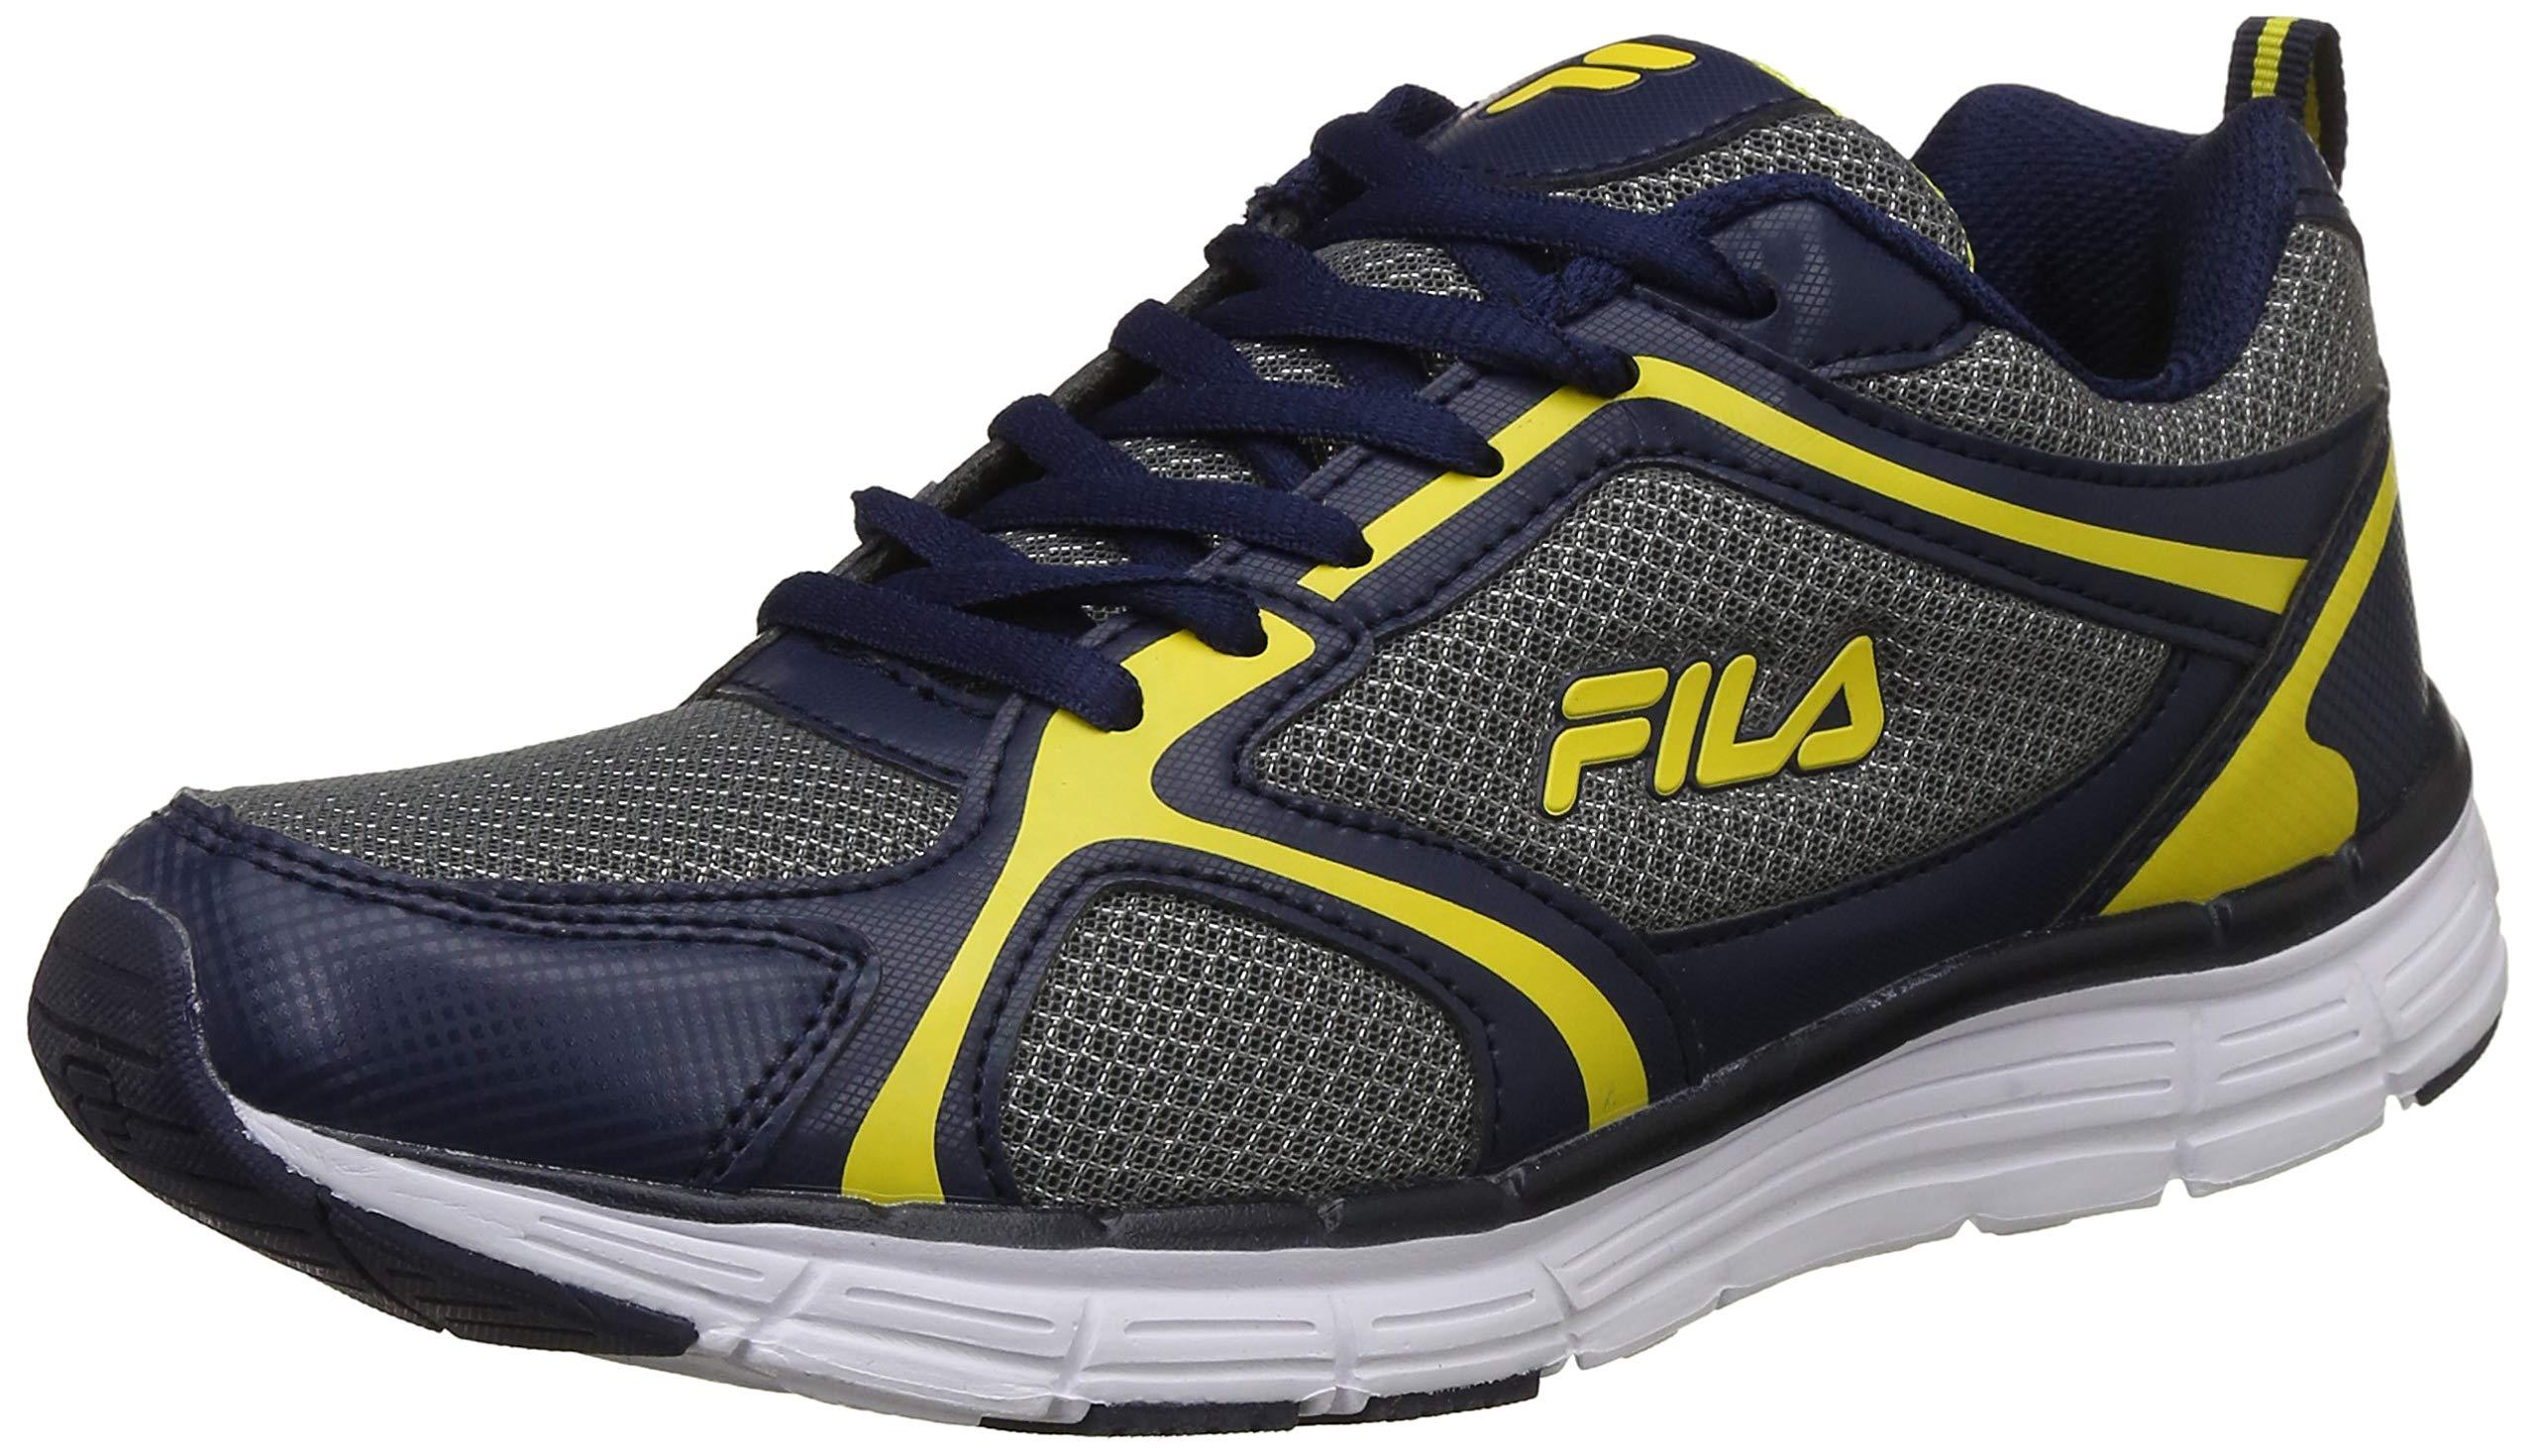 champs fila shoes Sale Fila Shoes, Fila